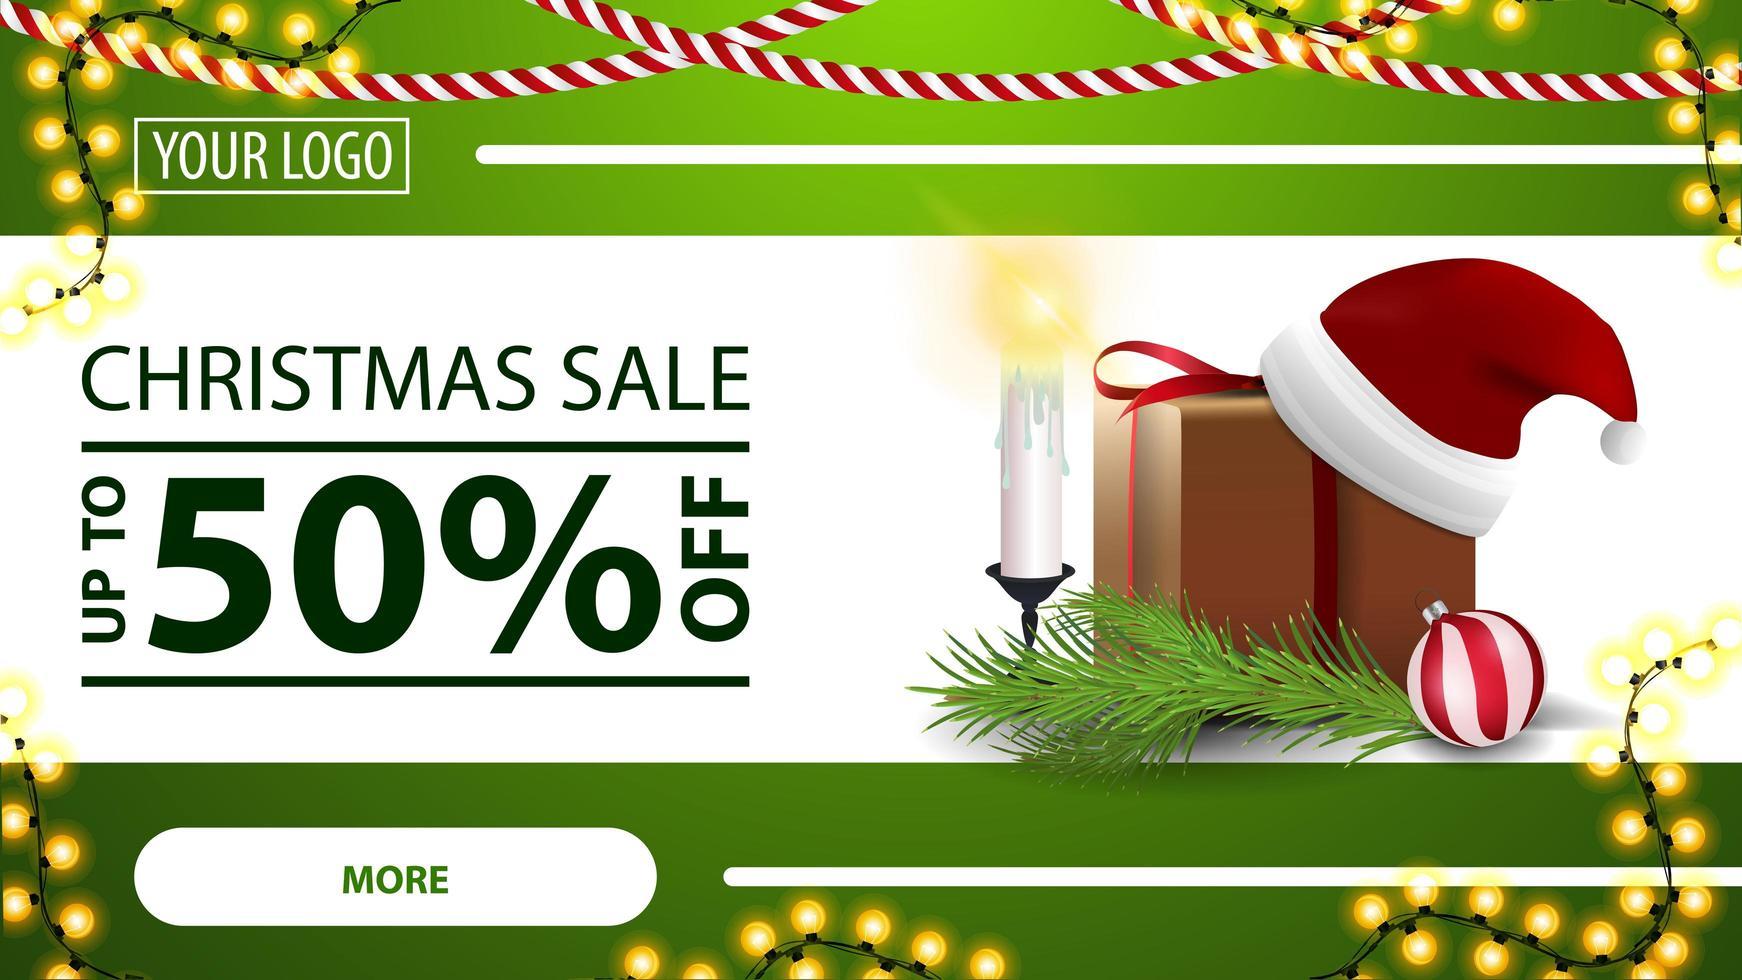 liquidação de natal, desconto de até 50, banner web moderno horizontal verde com botão, guirlanda, presente com chapéu de Papai Noel, velas, galho de árvore de natal e bola de natal vetor